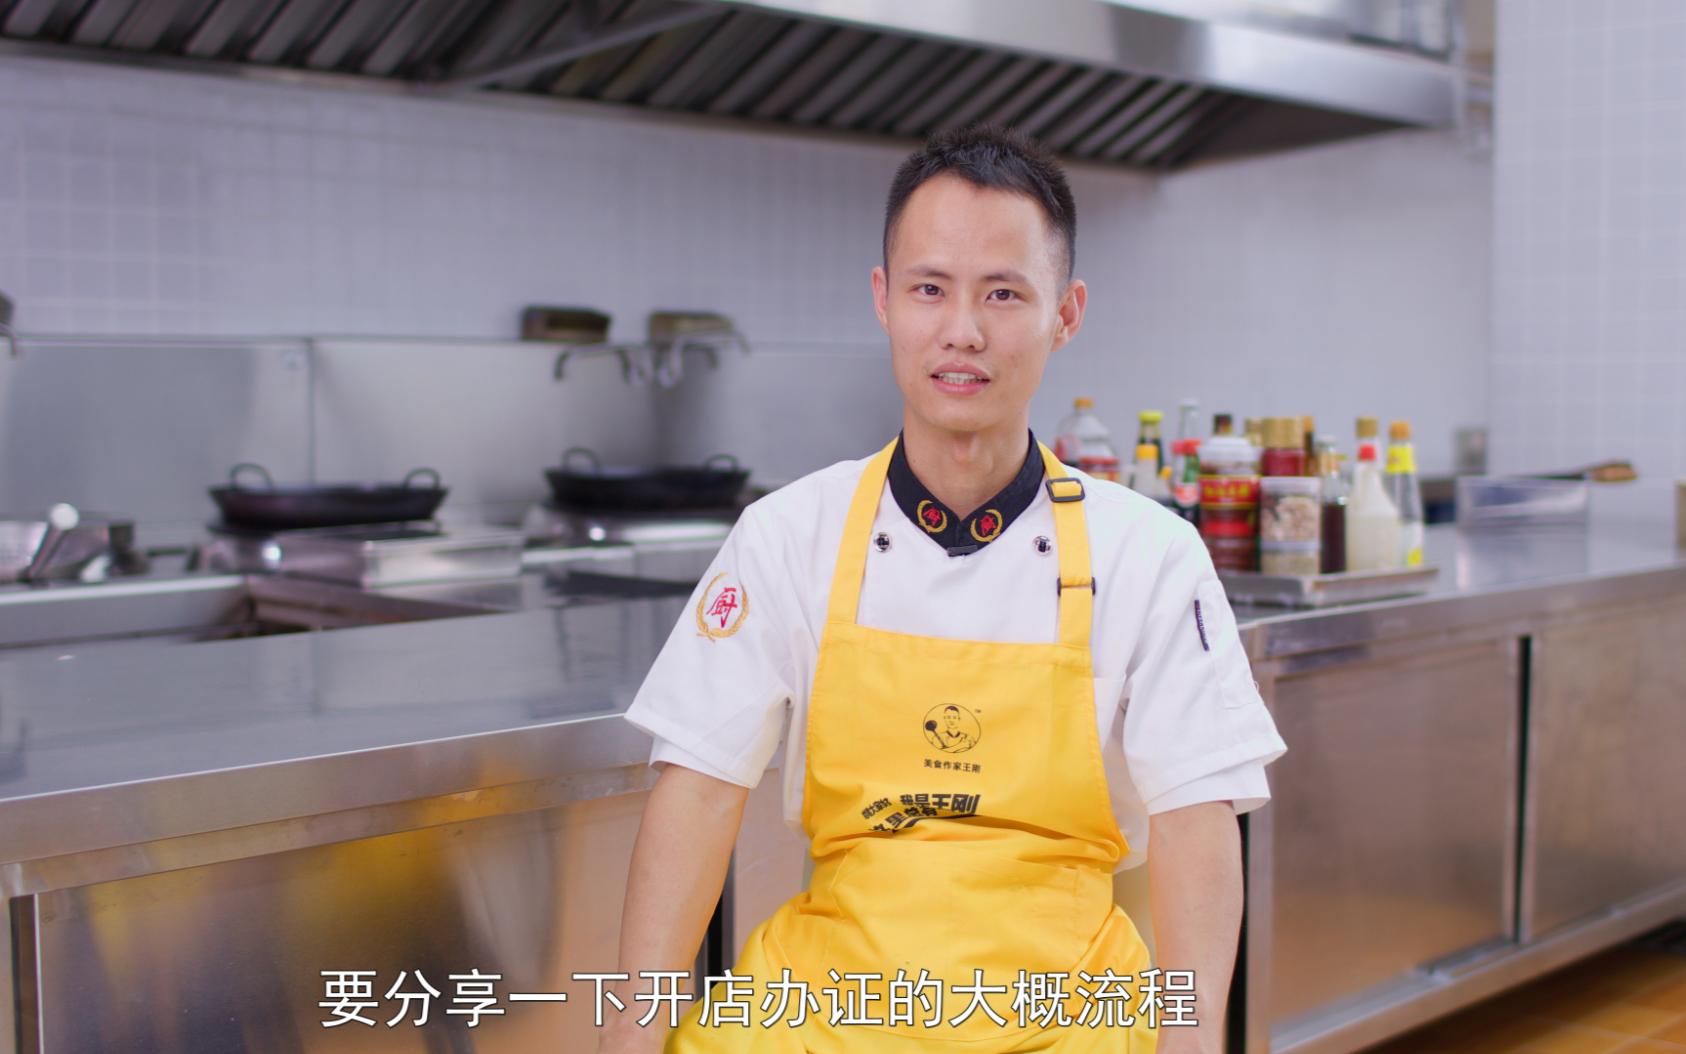 """厨师长分享:开店流程之""""办证"""",清晰明了不走弯路"""